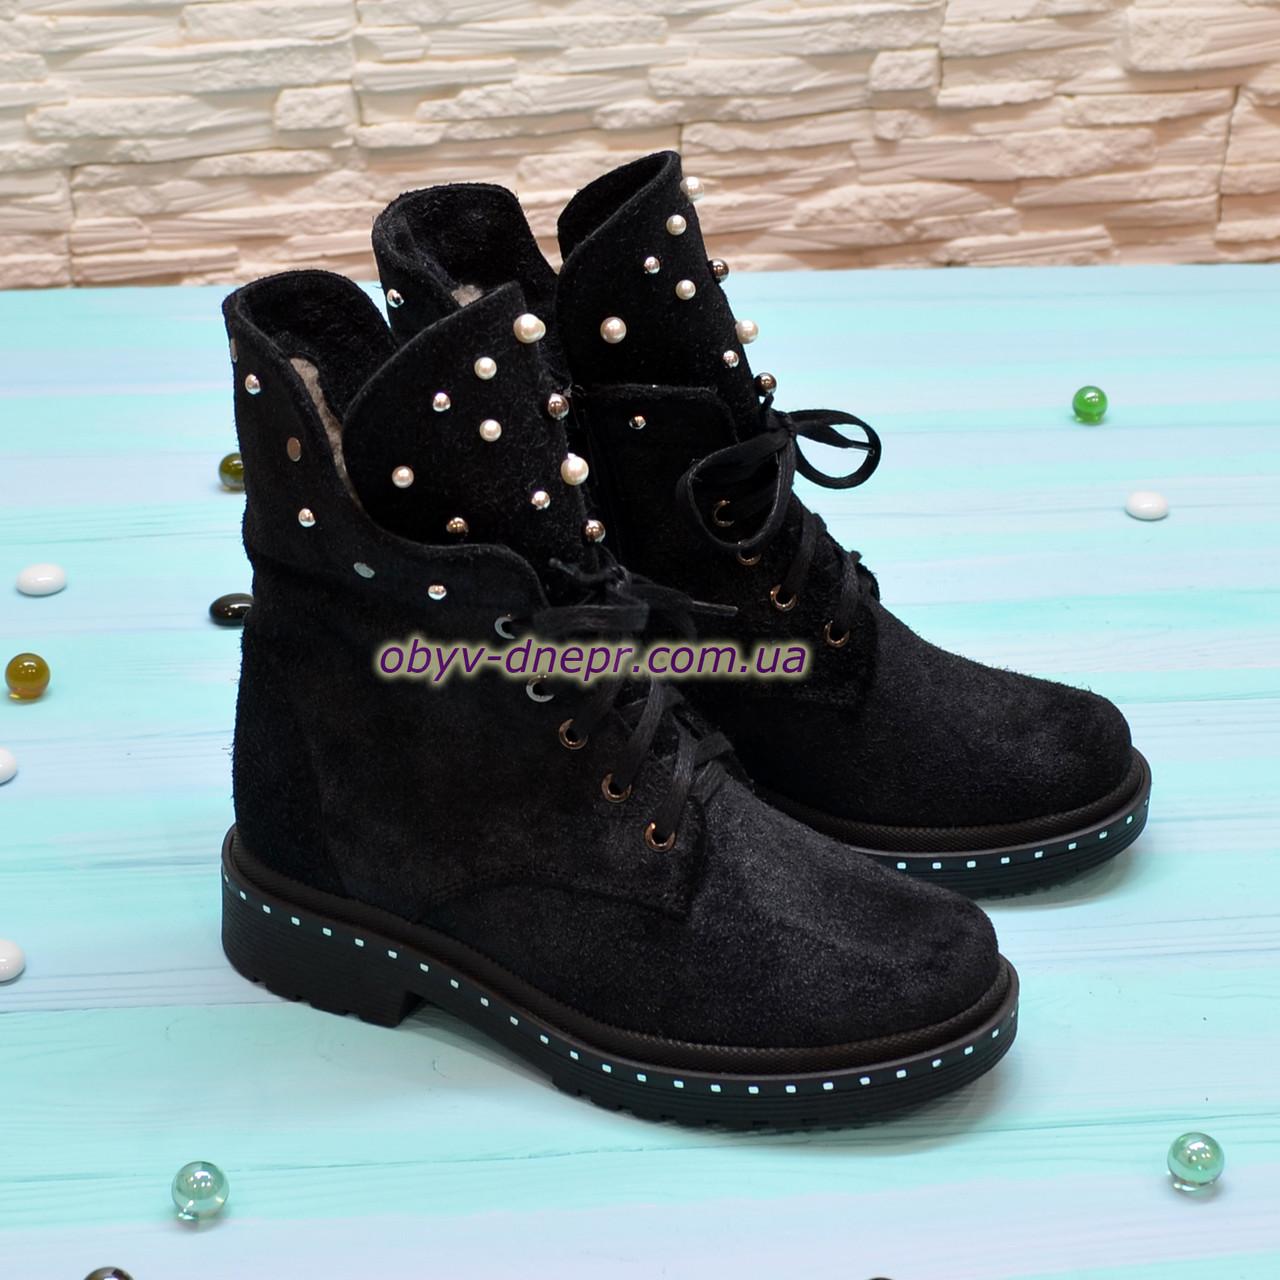 Ботинки демисезонные на утолщенной подошве, на шнурках, из натуральной черной замши